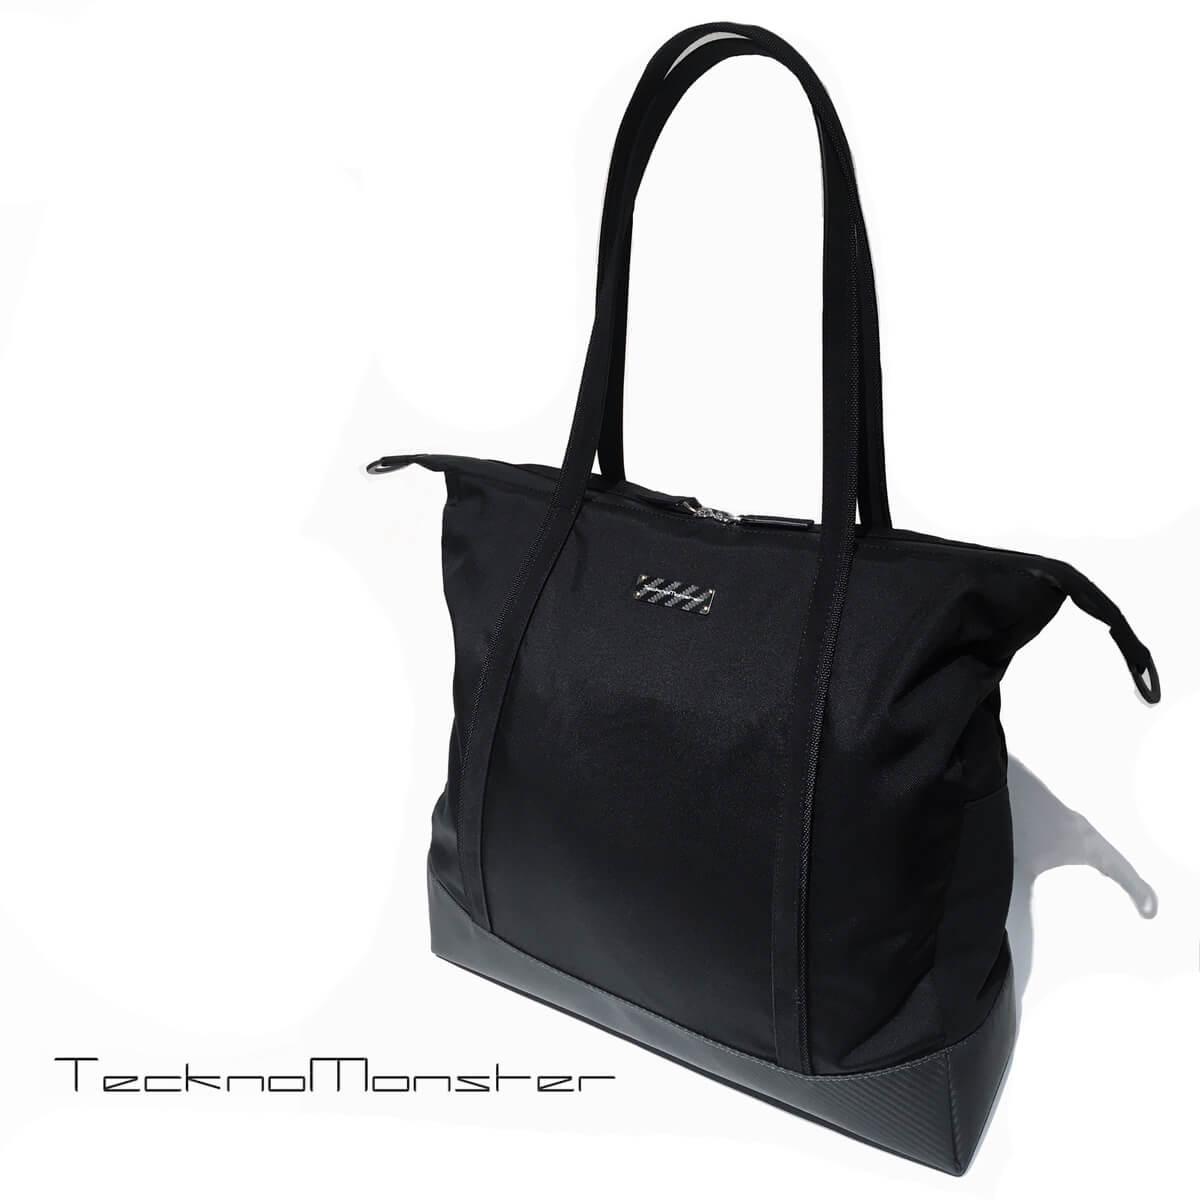 TecknoMonster (テクノモンスター)トートバッグ ブランド メンズ レディース ソフトカーボンファイバー アルカンターラ イタリア製